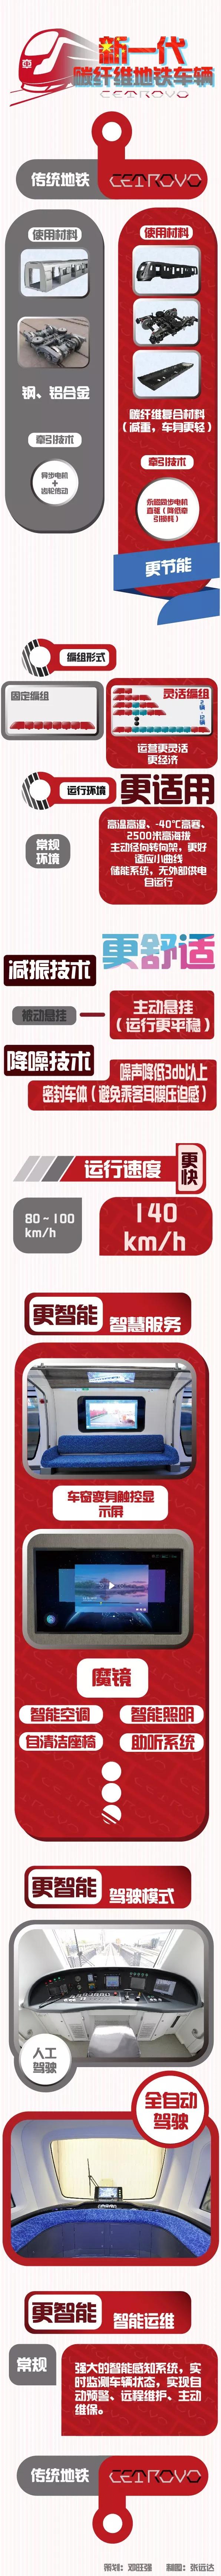 中国中车:新一代碳纤维地铁车辆全球发布!_23